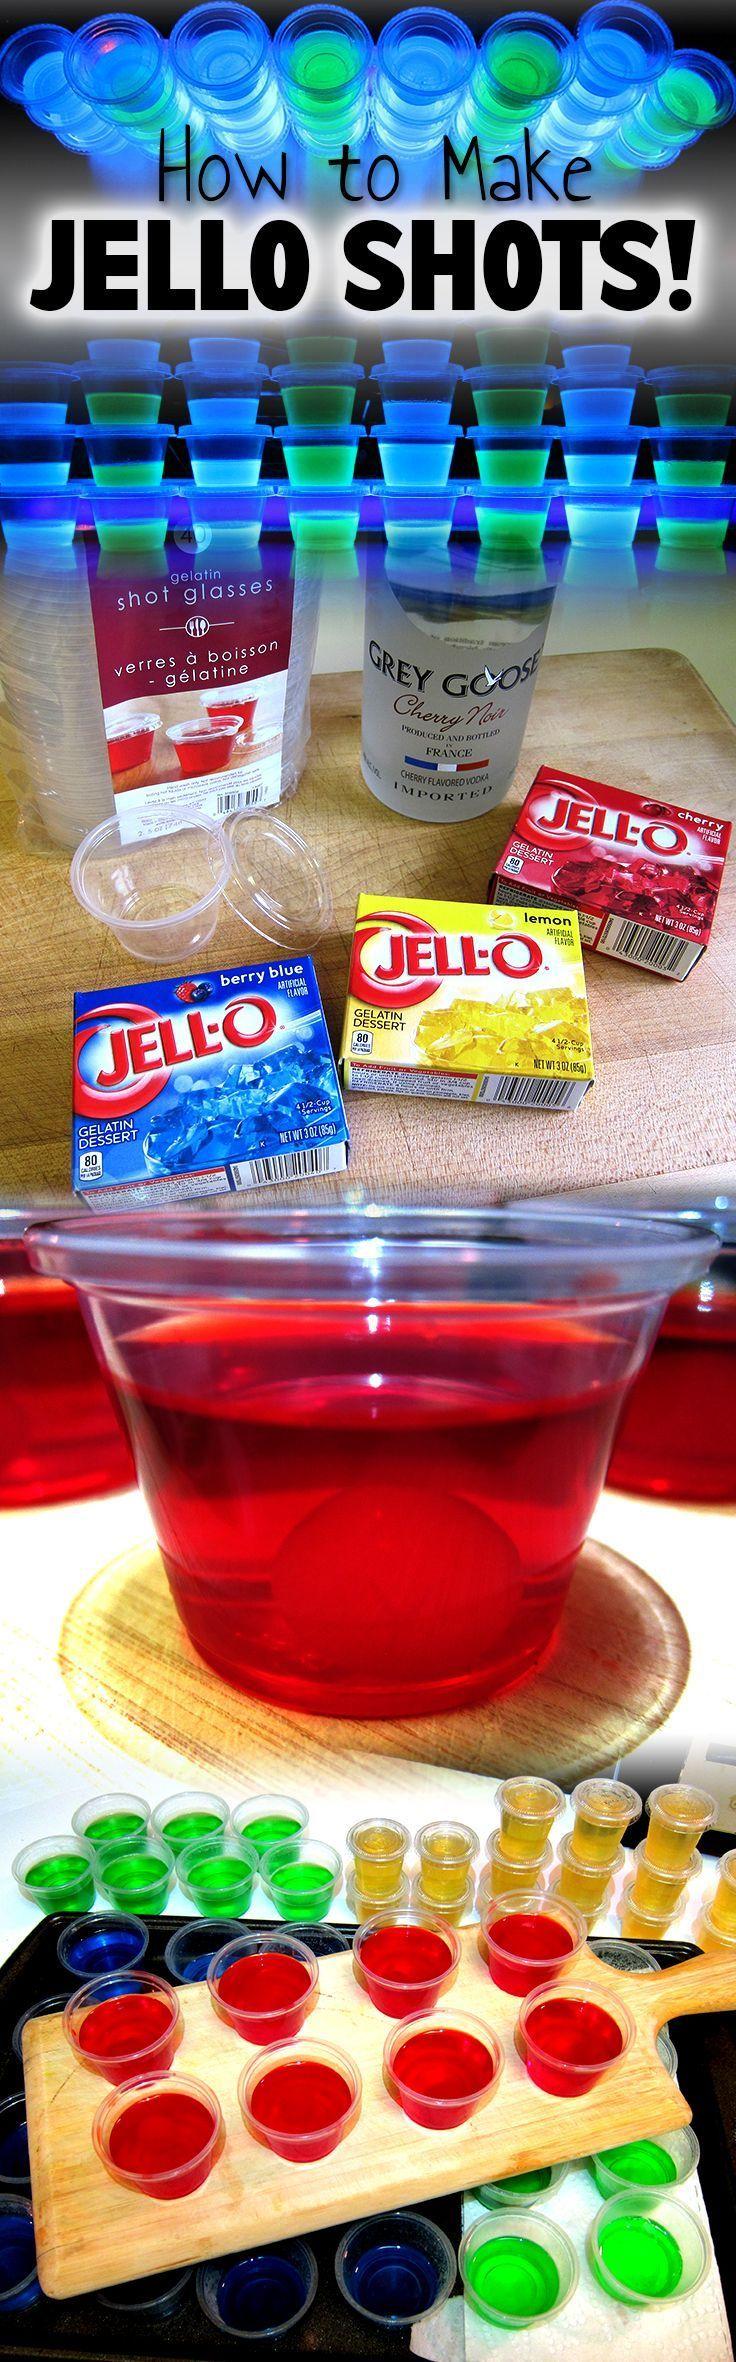 How to make jello shots jelloshotrecipes how to make